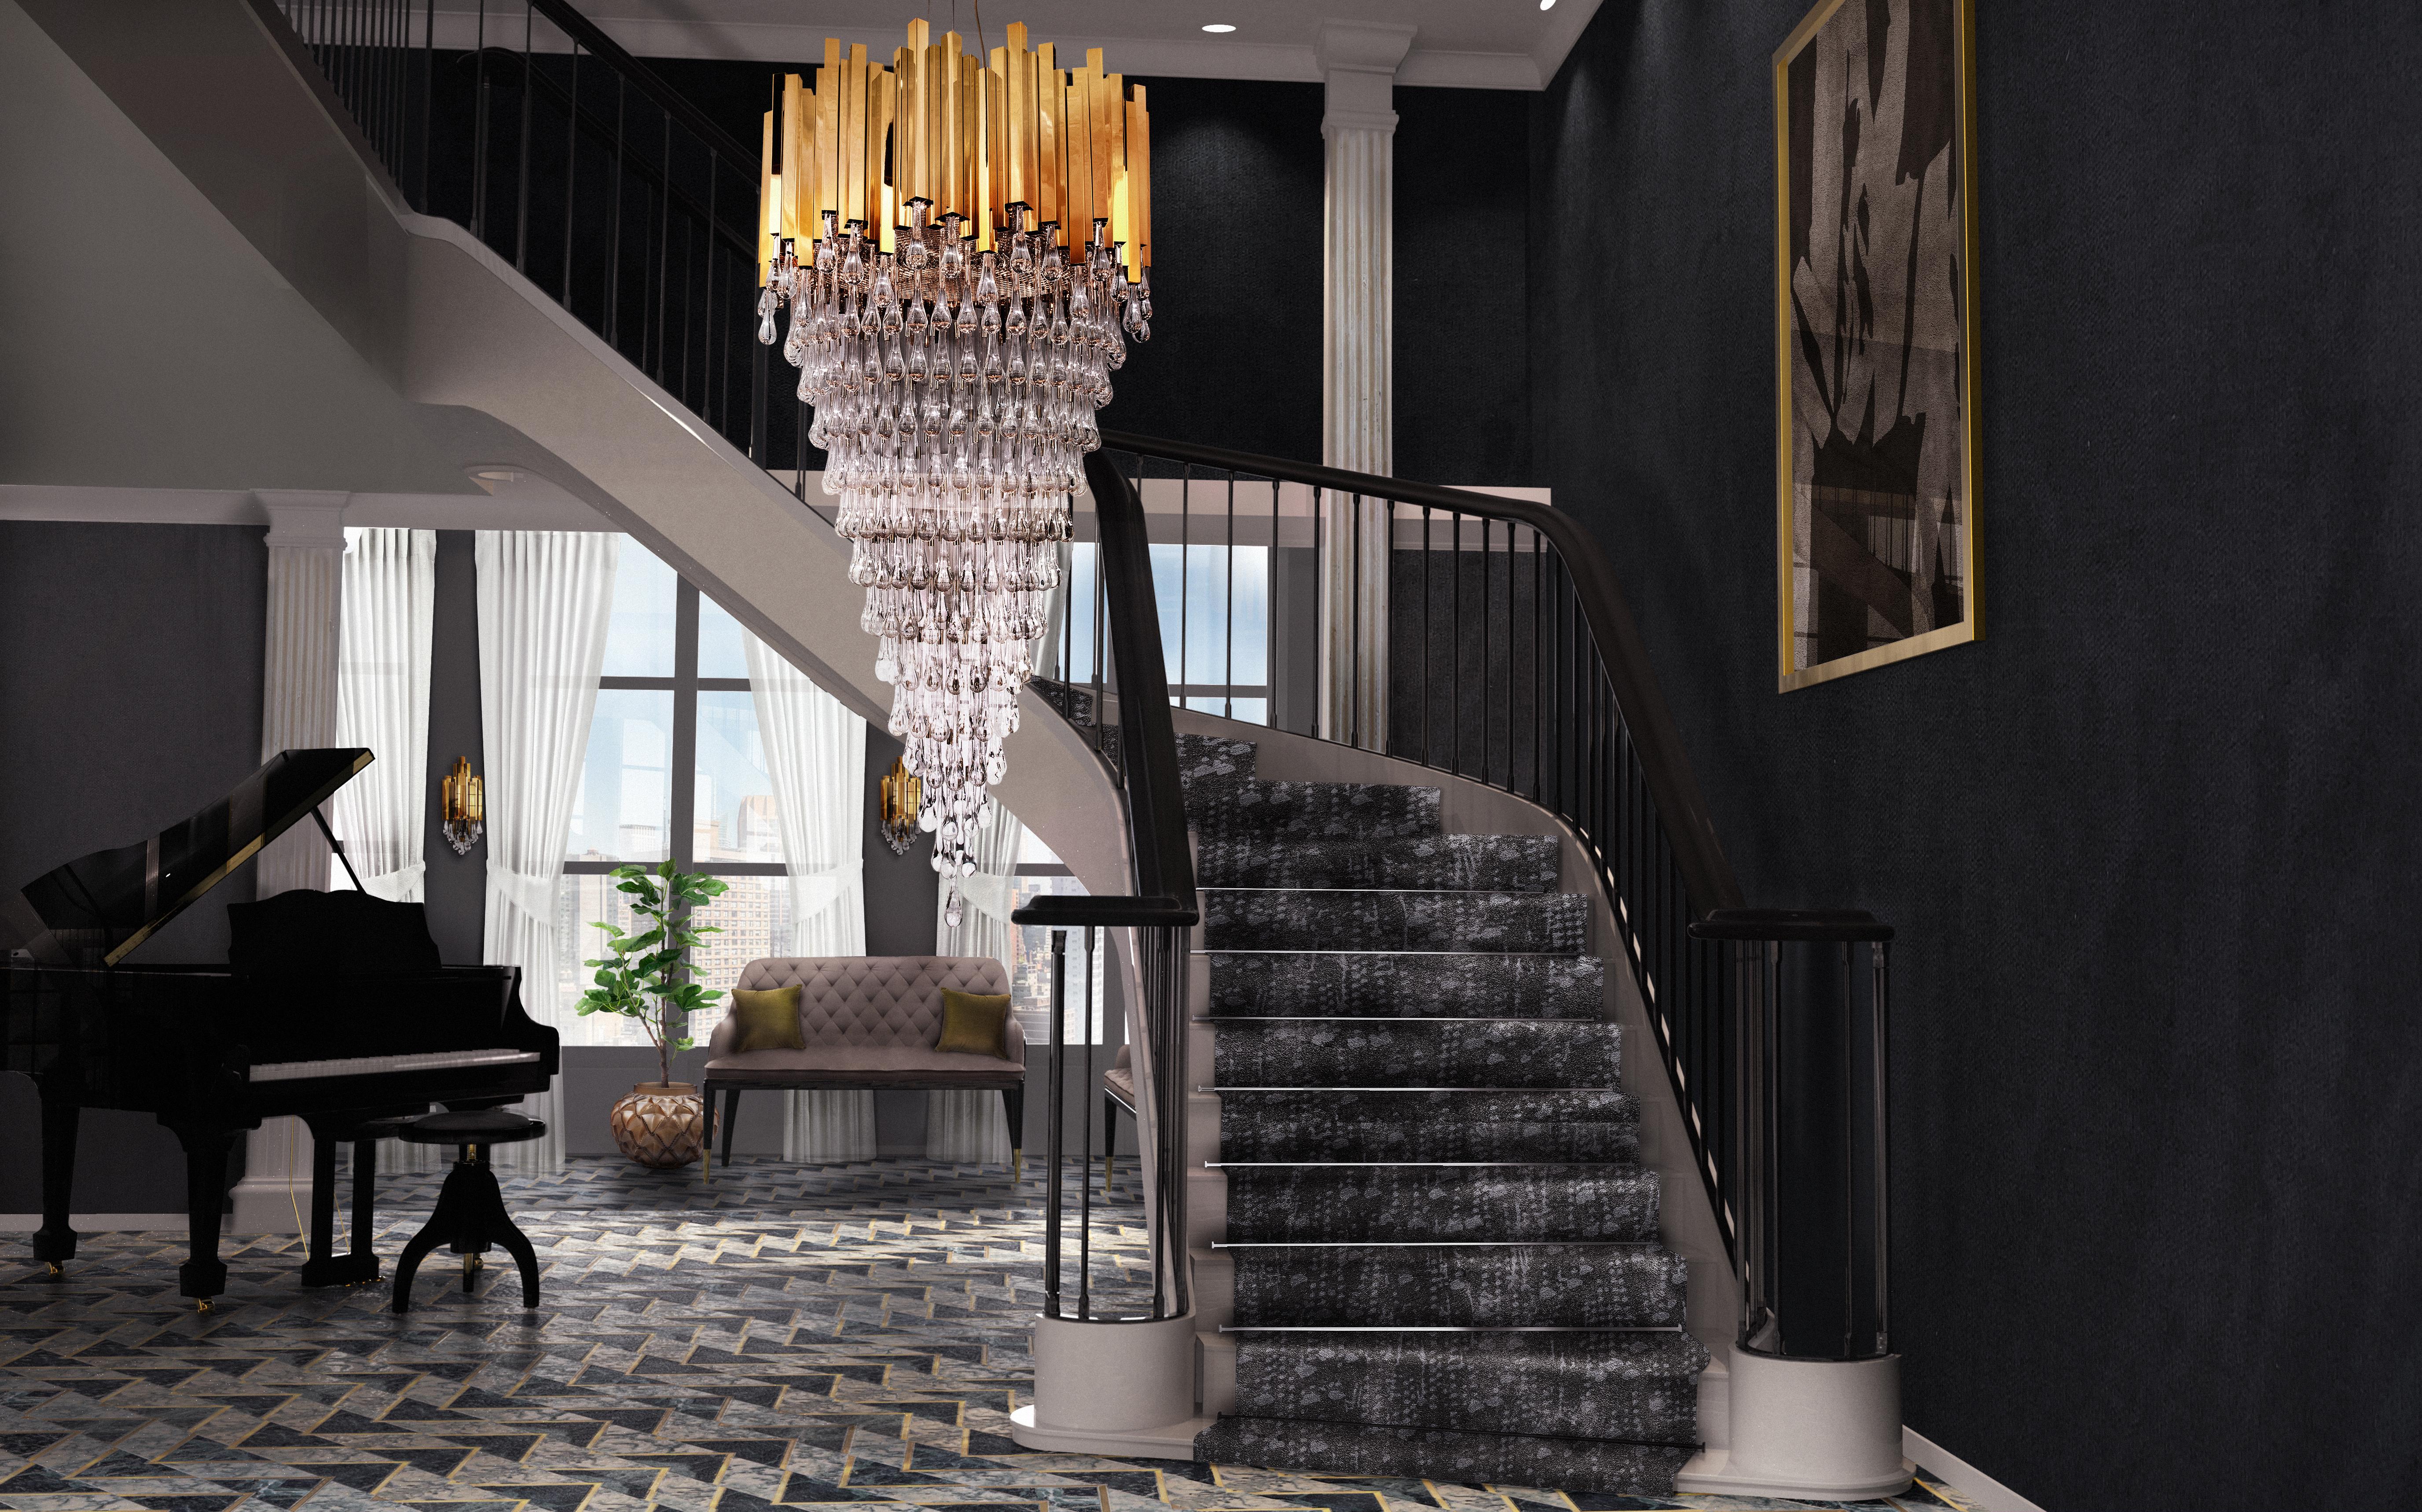 4 Imposing Interior Design Ideas That Will Make You Love Fall interior design ideas 4 Imposing Interior Design Ideas That Will Make You Love Fall Imposing Interior Design Ideas You Shouldnt Miss